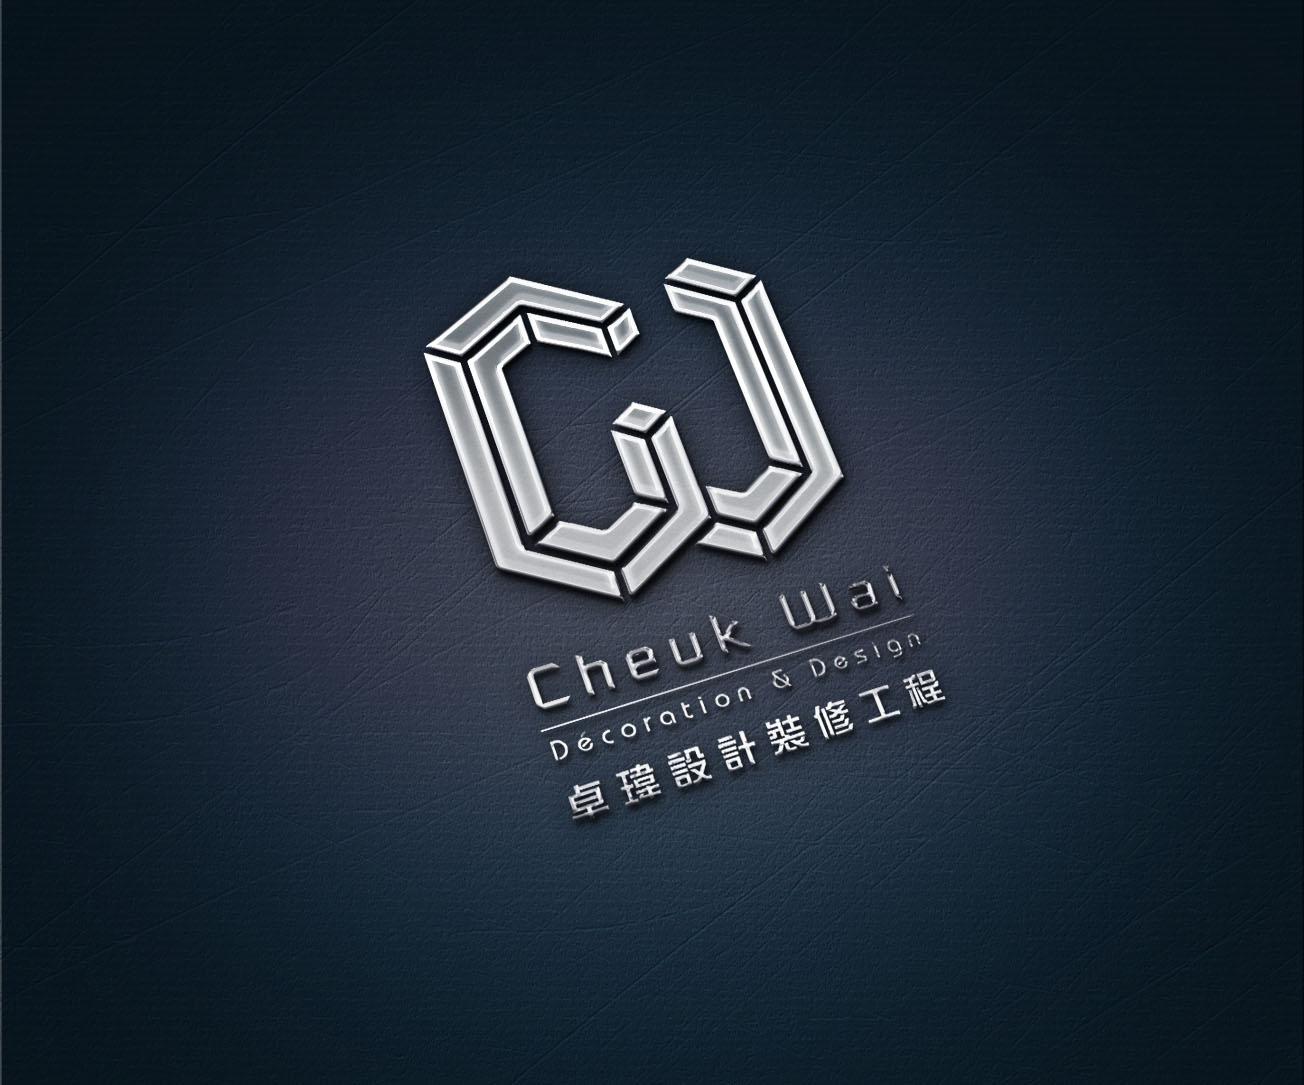 Cheuk Wa | Logosking.net